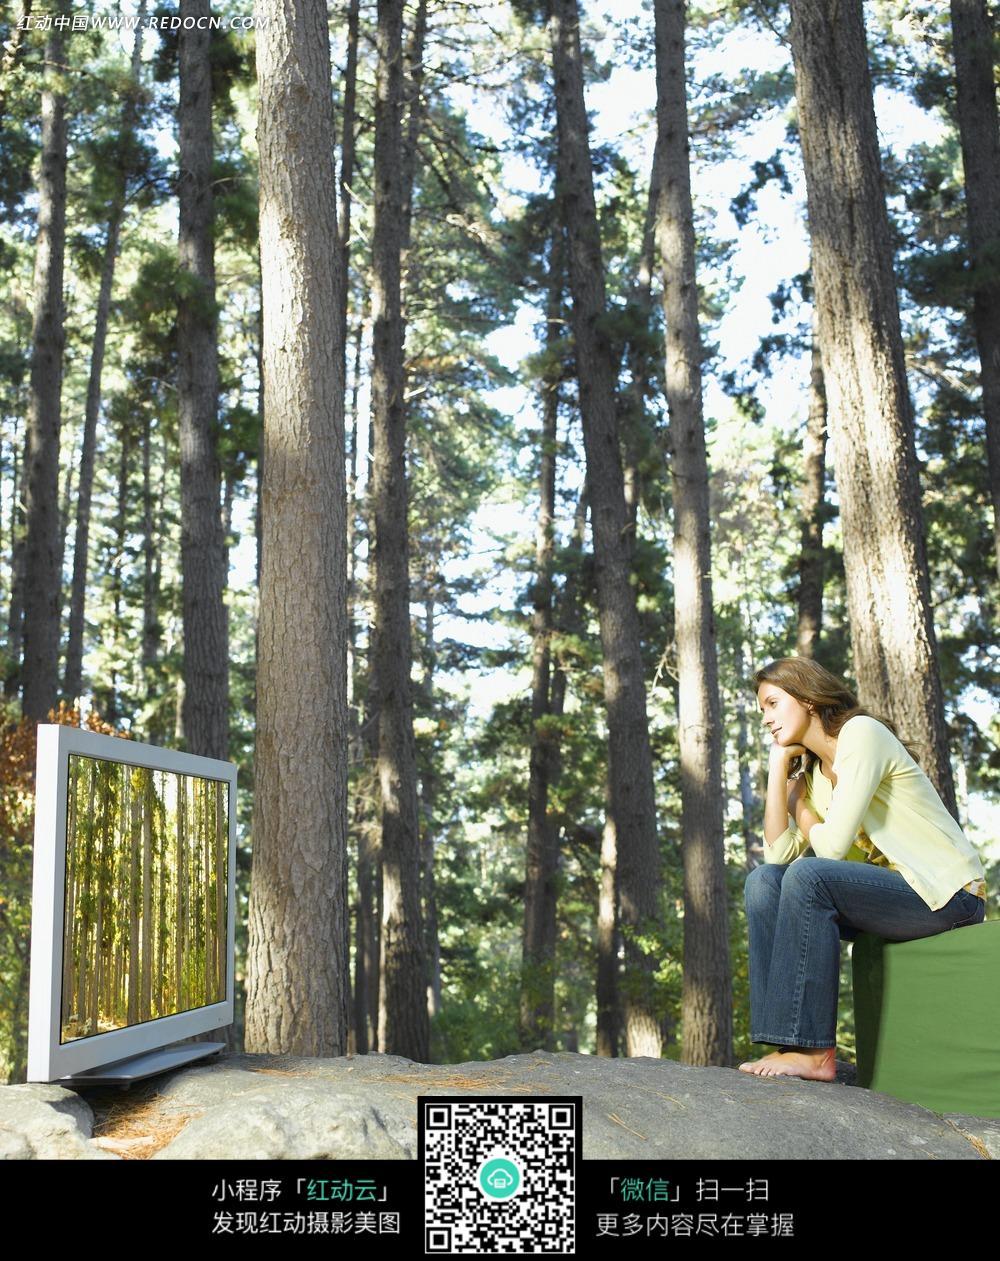 在树林里看电视的美女图片